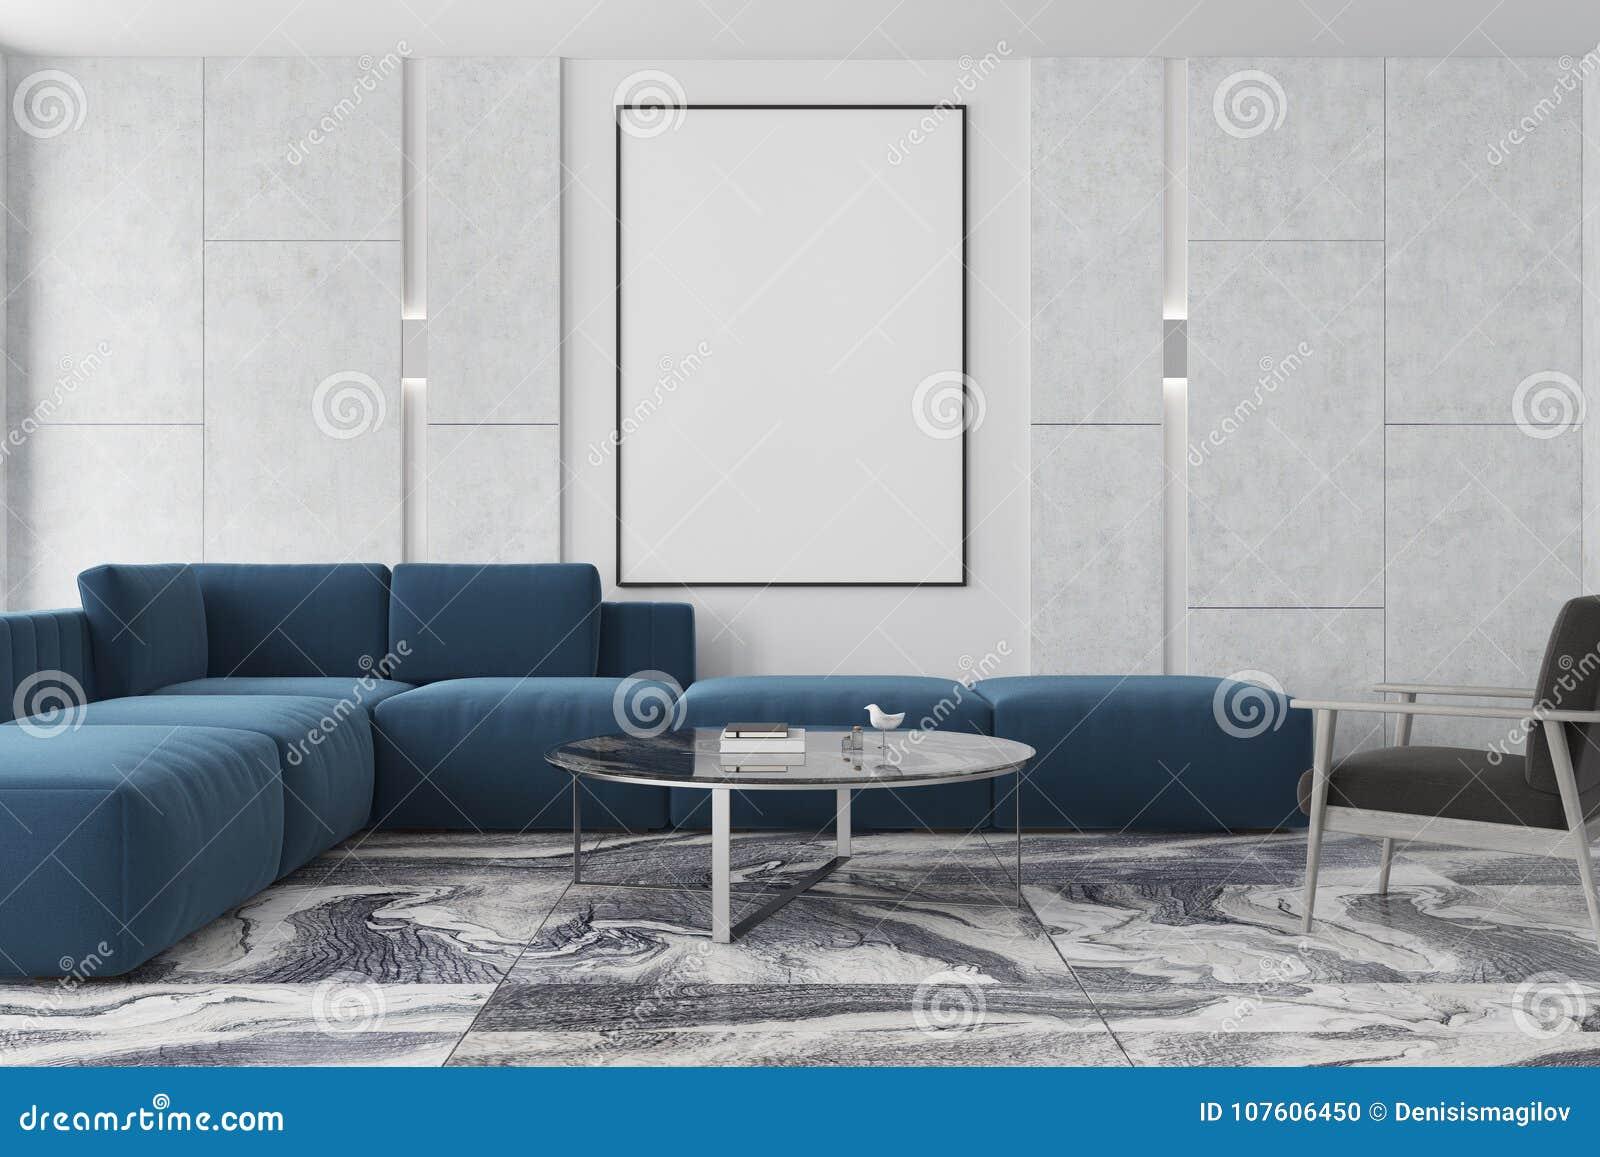 Blauwe Design Bank.Marmeren En Bruine Woonkamer Affiche Blauwe Bank Stock